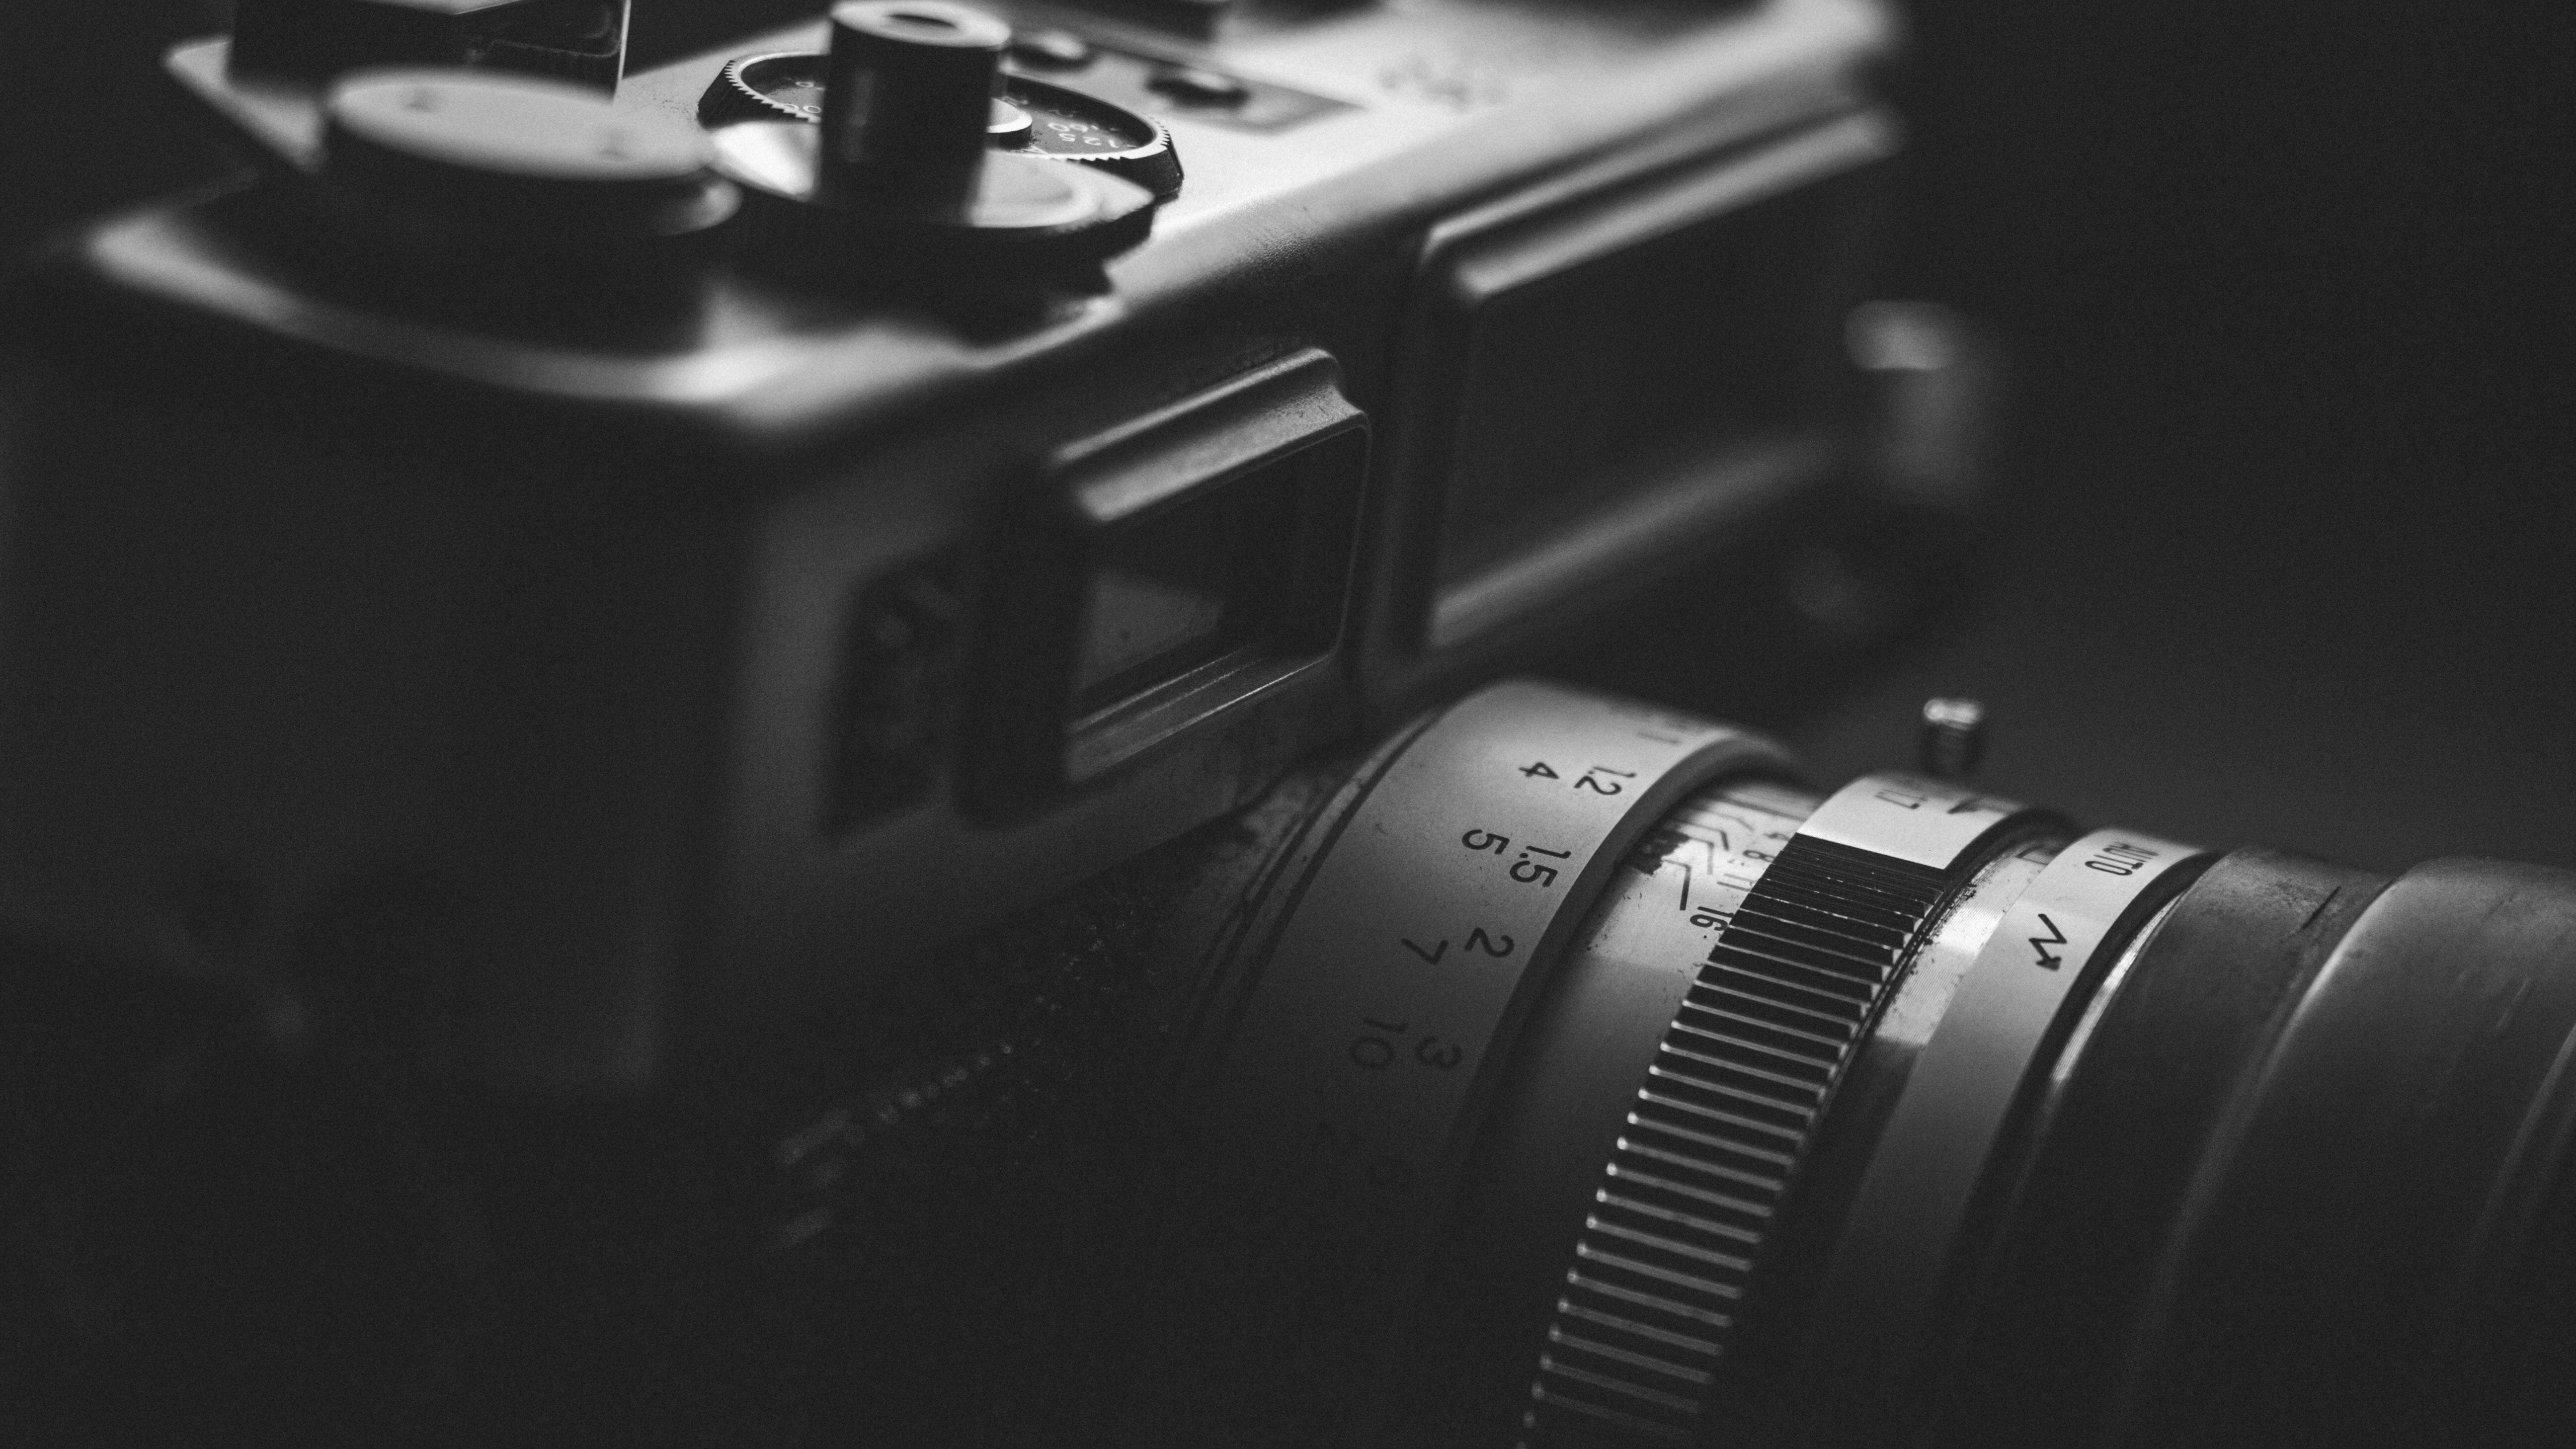 Free images single lens reflex camera black and white cameras optics digital camera camera lens digital slr monochrome photography reflex camera